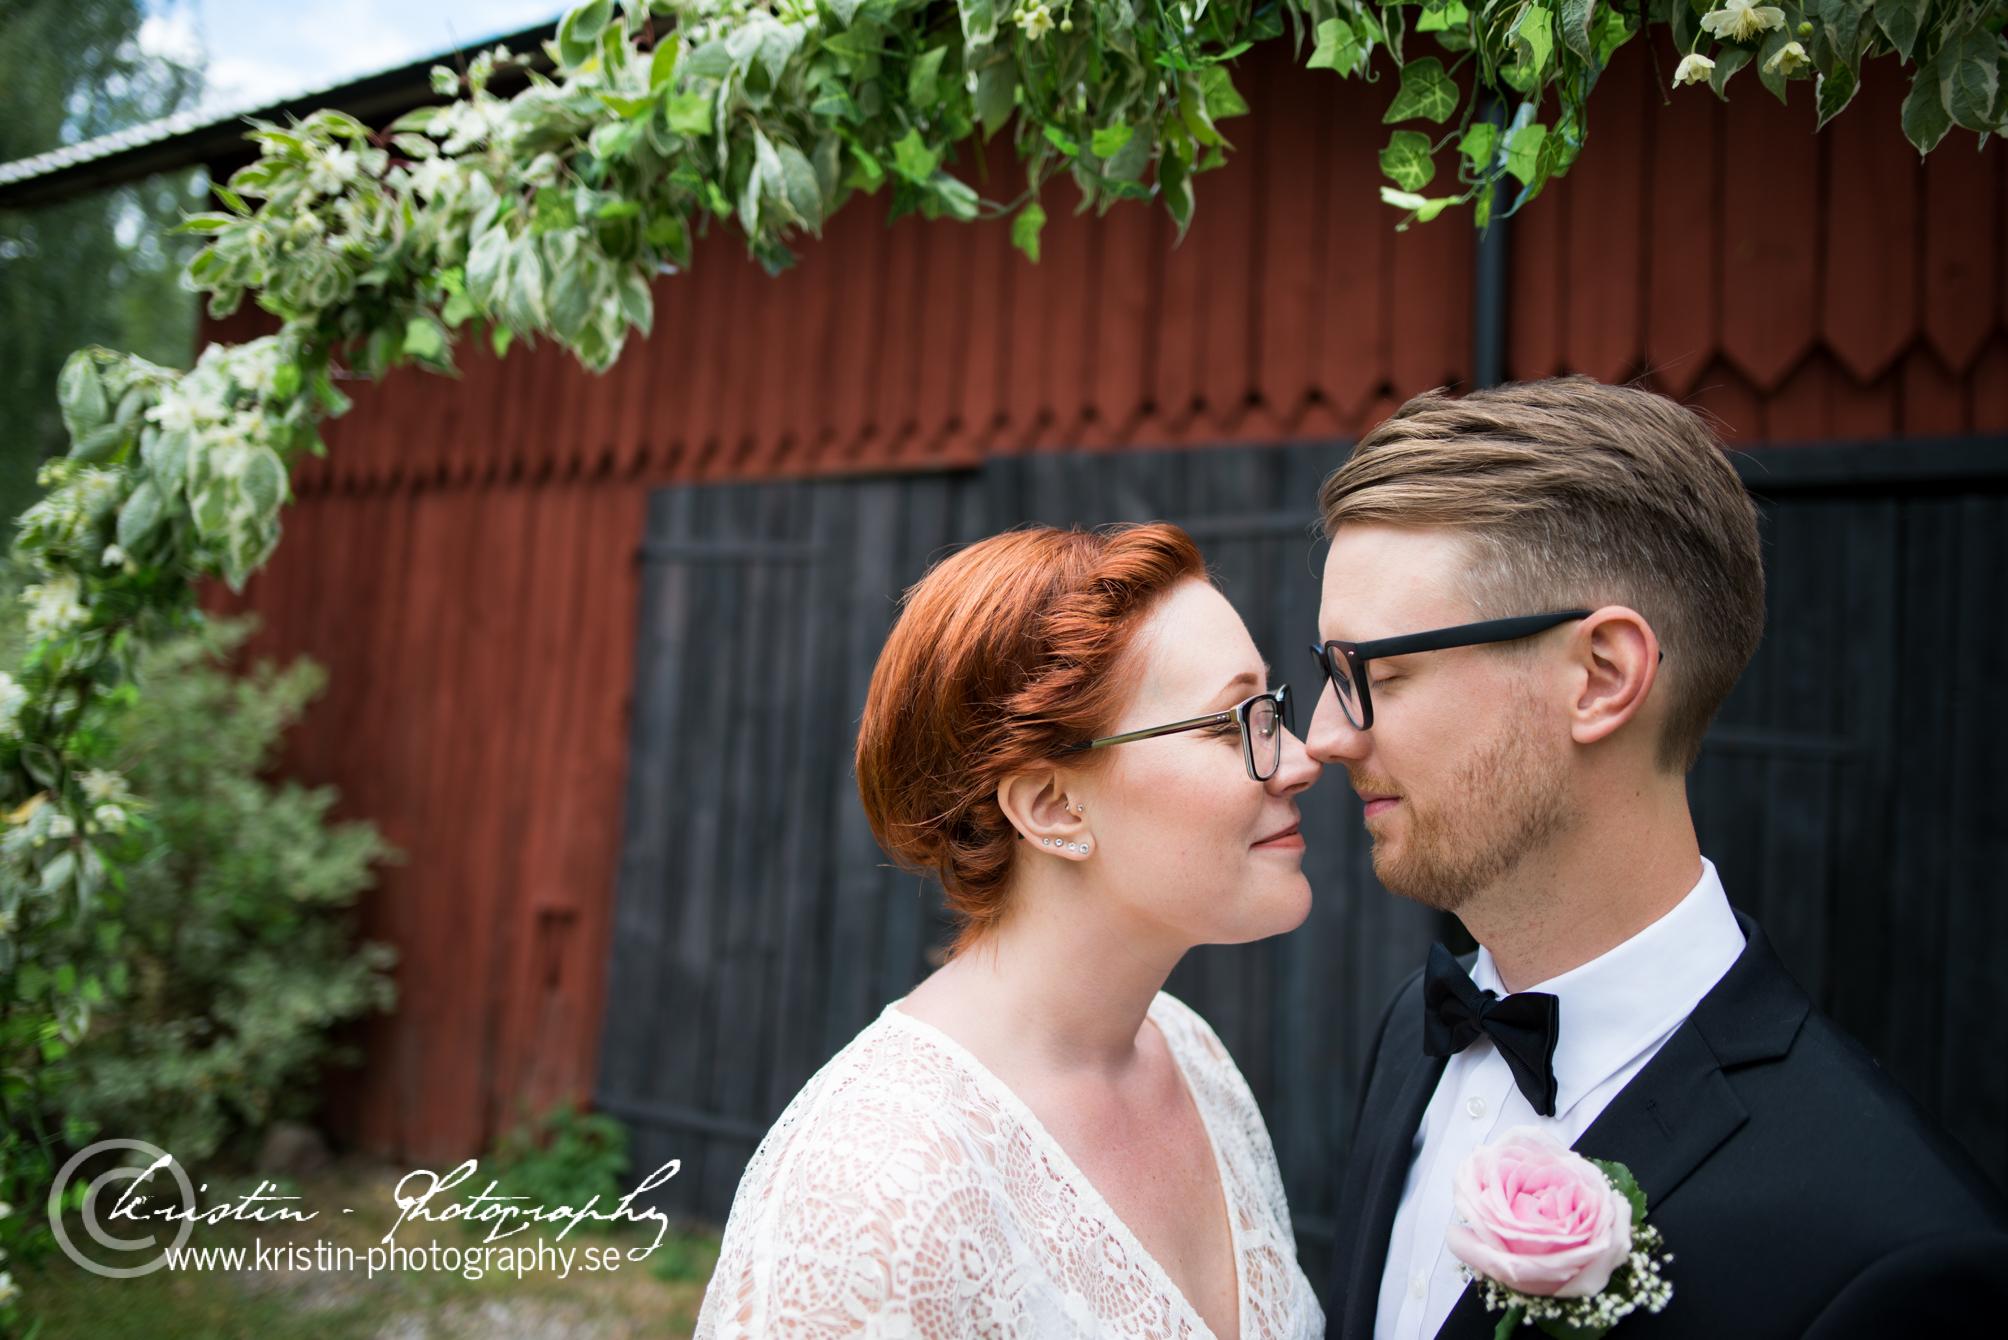 Bröllopsfotograf i Eskilstuna, Kristin - Photography, newborn-49.jpg